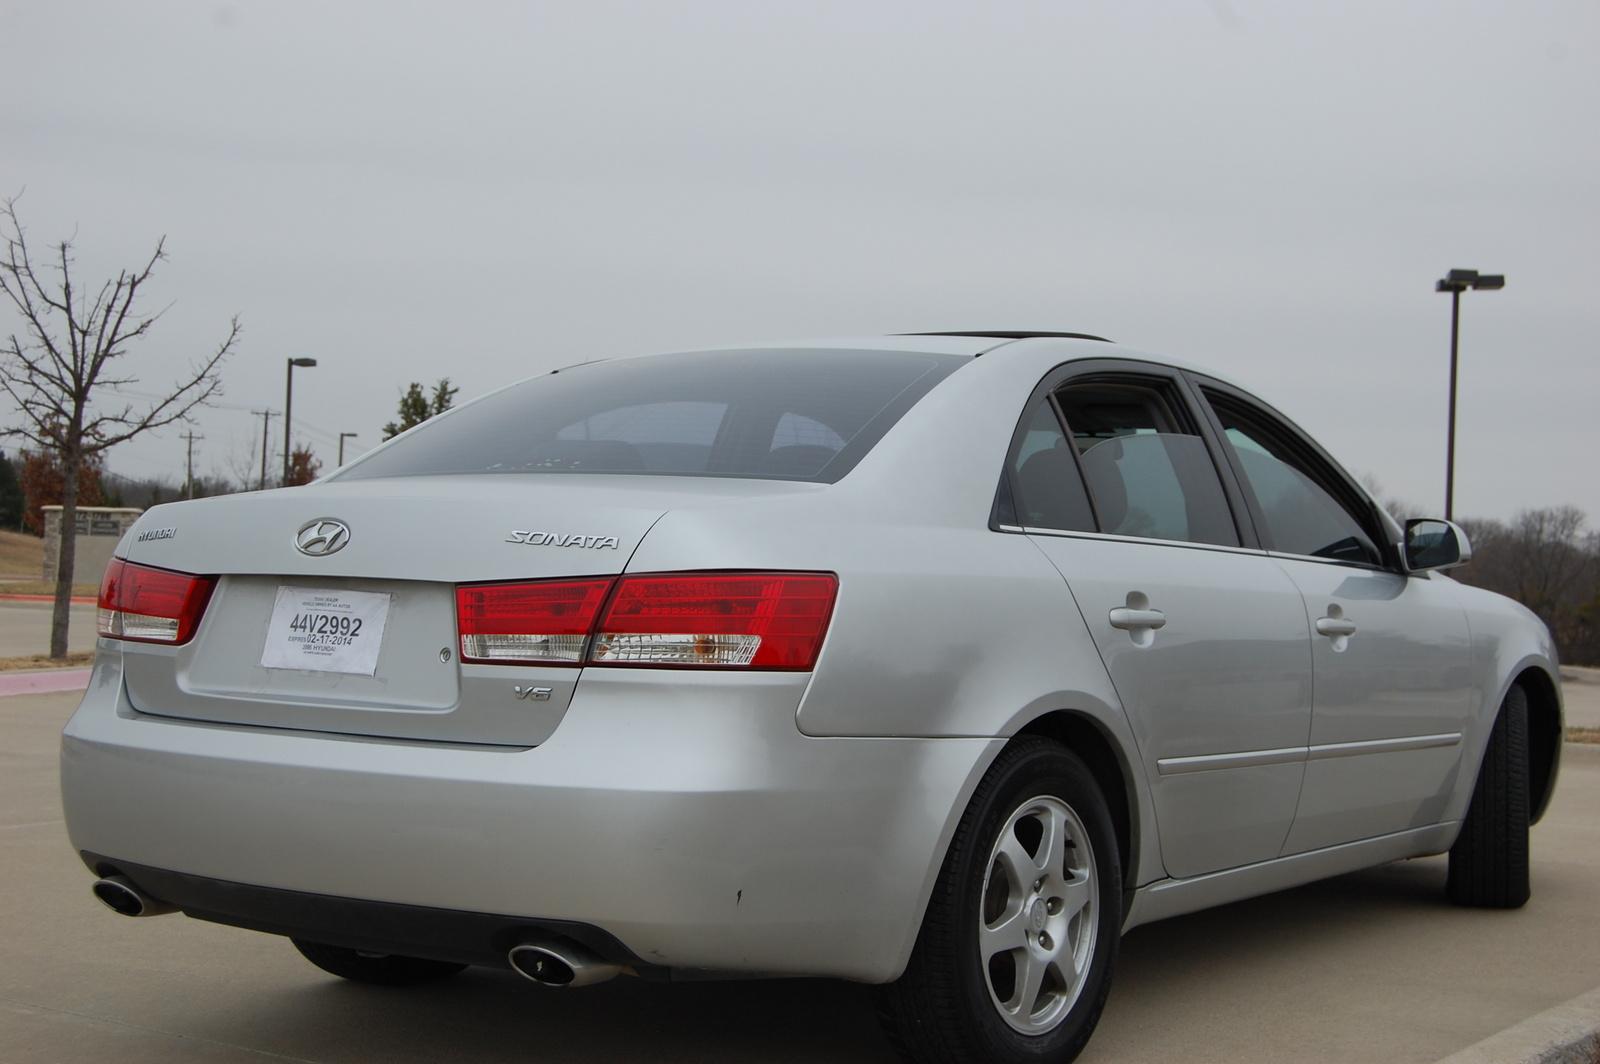 2006 Hyundai Sonata Pictures Cargurus